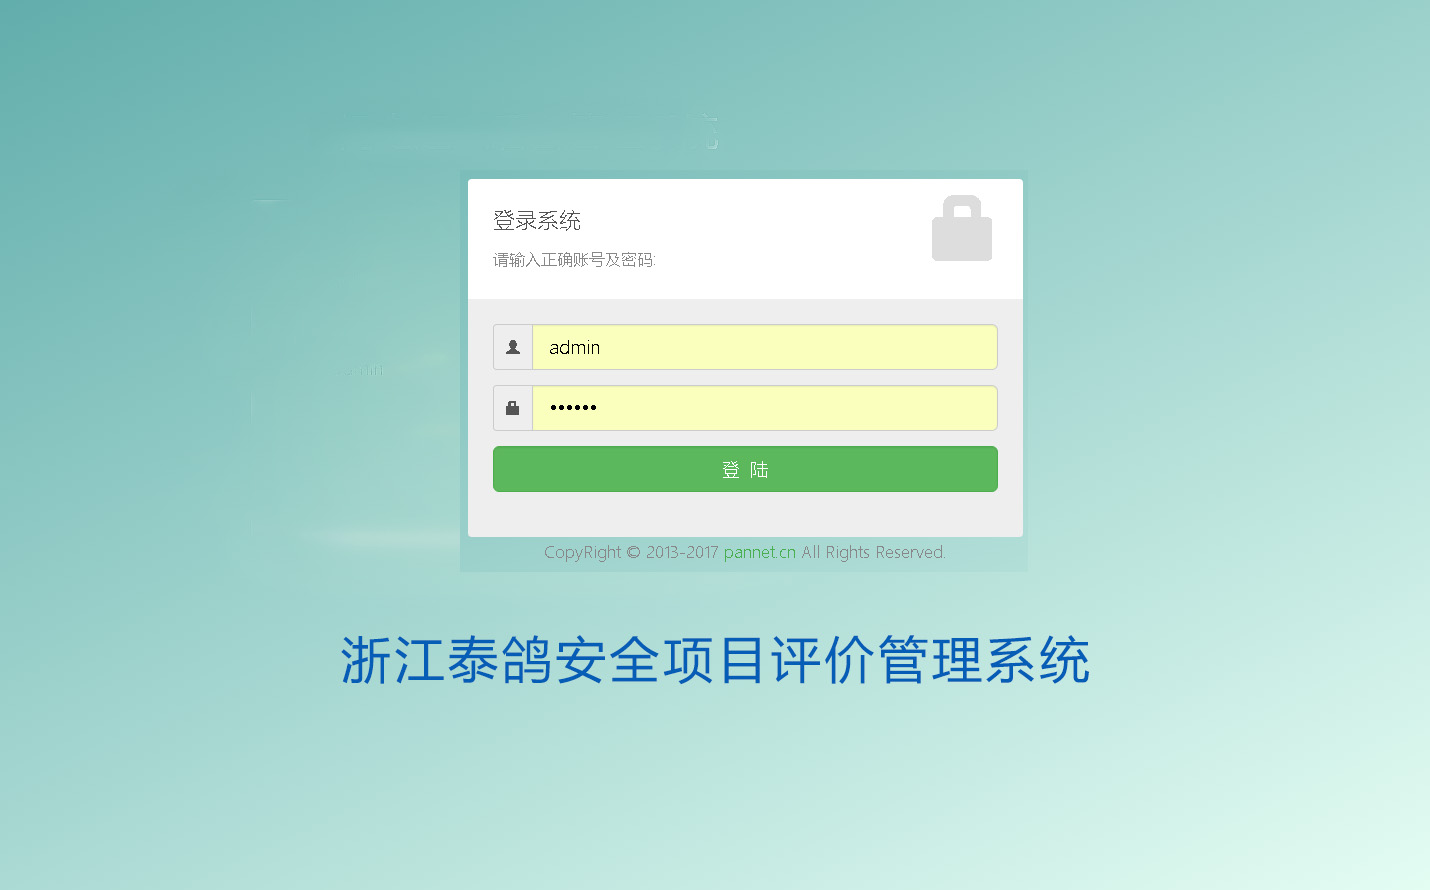 浙江泰鸽安全评价项目管理系统